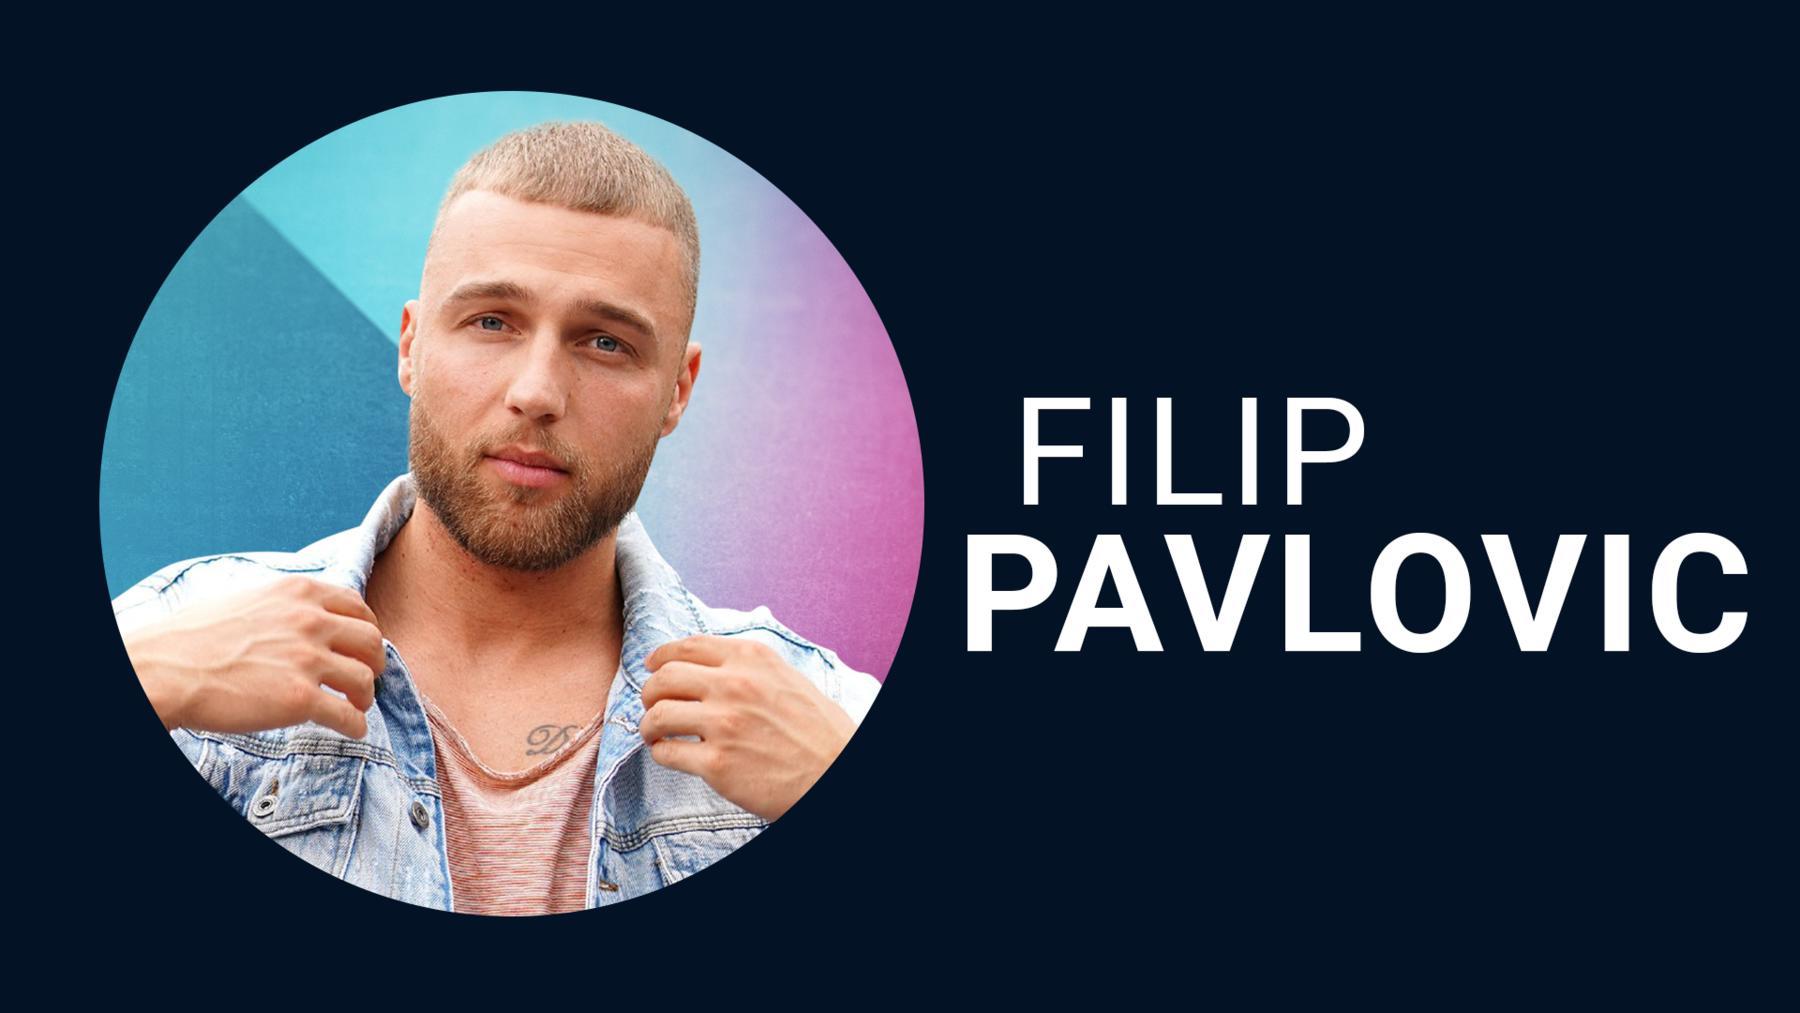 Filip Pavlovic